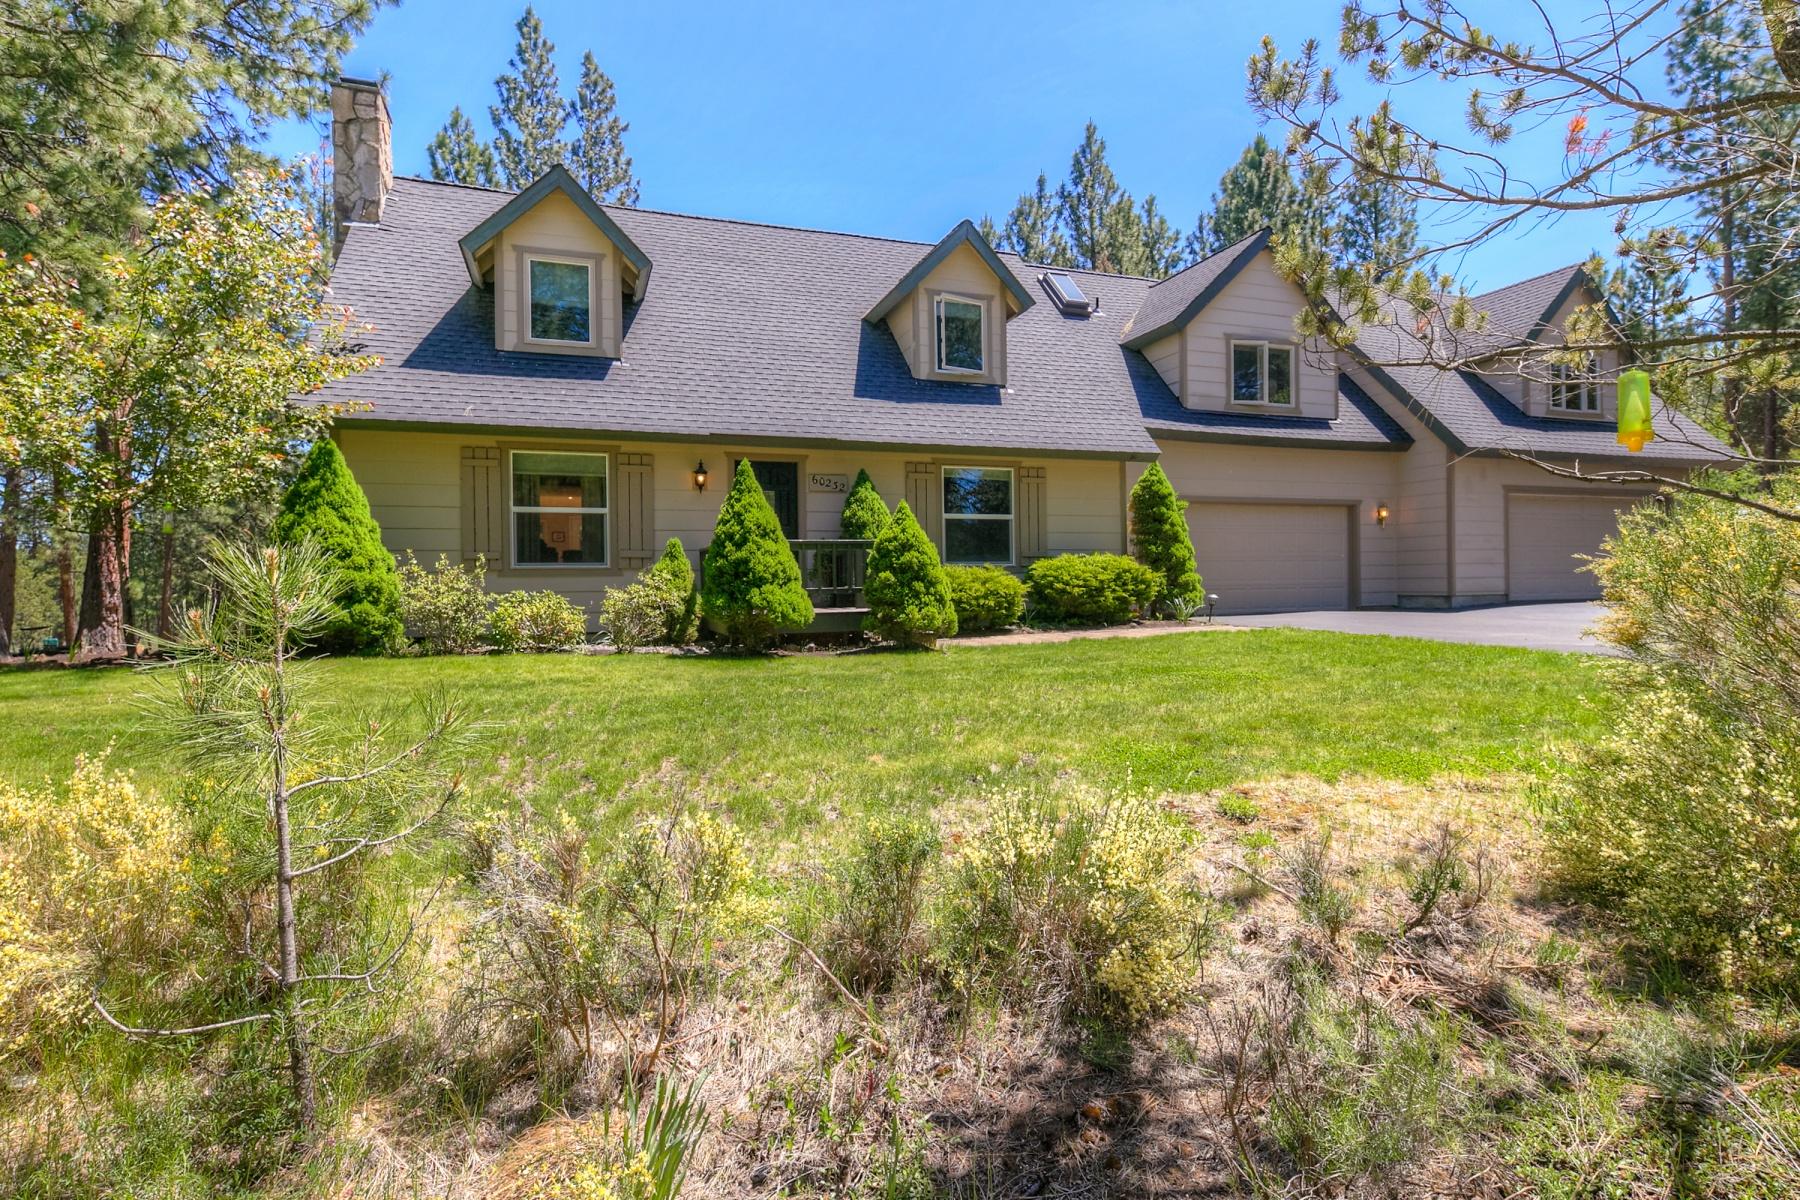 独户住宅 为 销售 在 60232 Ridgeview E Drive, BEND 本德, 俄勒冈州, 97702 美国